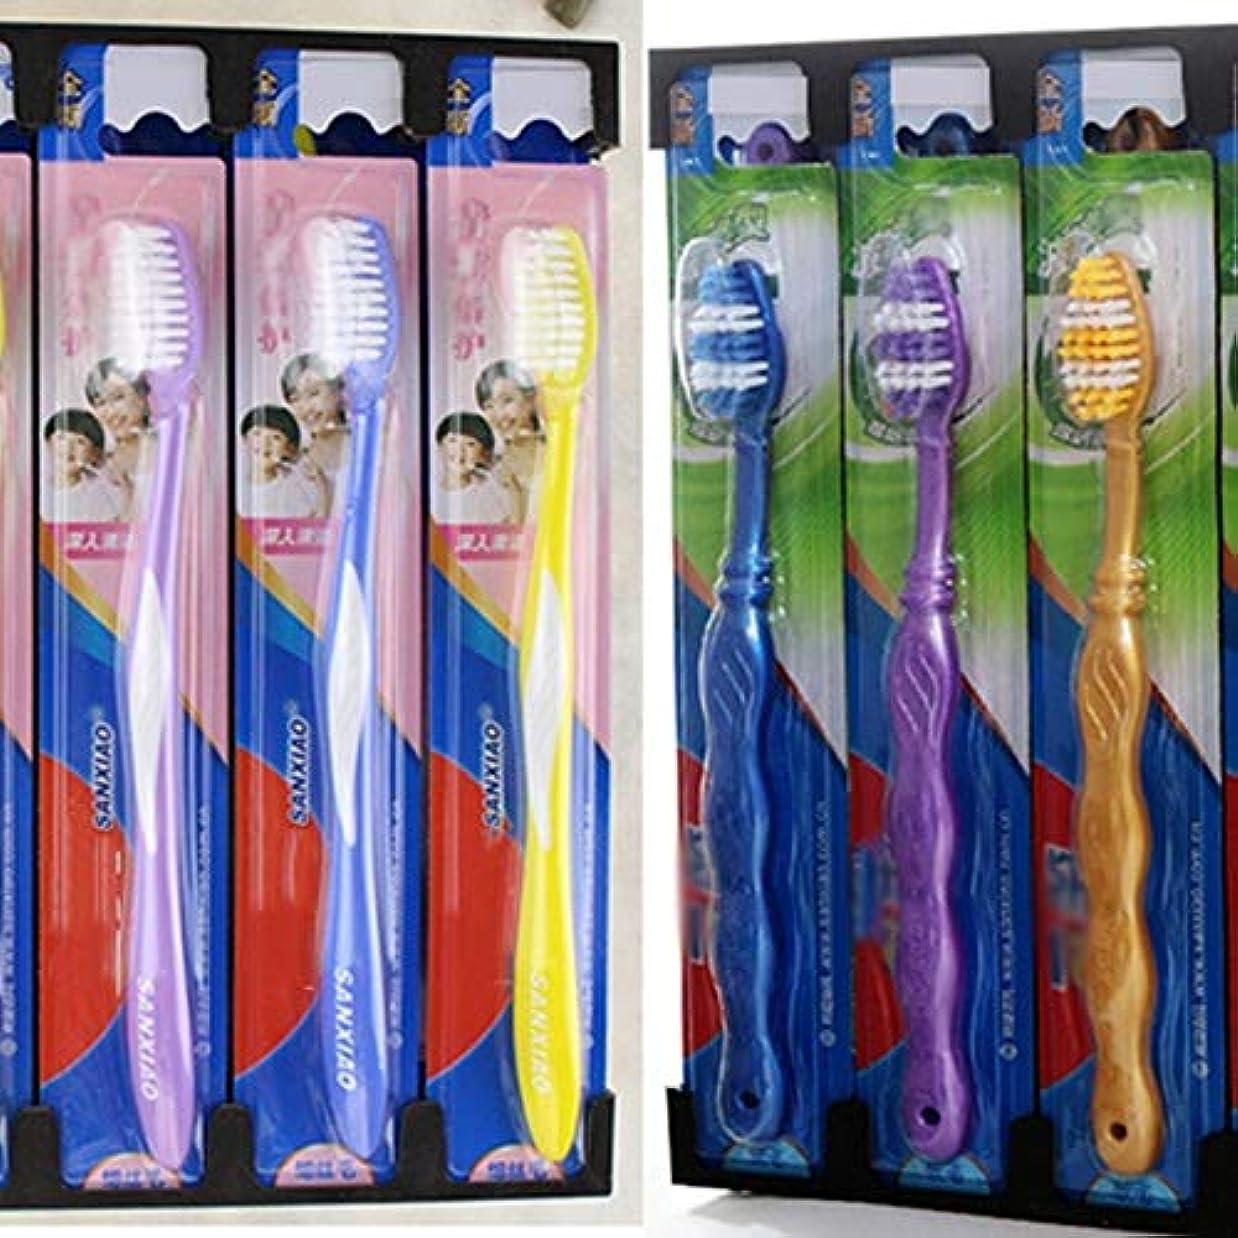 大気壁意図的歯ブラシ 30本の歯ブラシ、旅行歯ブラシ、家族バルク大人歯ブラシ、ミディアム歯ブラシ - 使用可能なスタイルの3種類 HL (色 : C, サイズ : 30 packs)